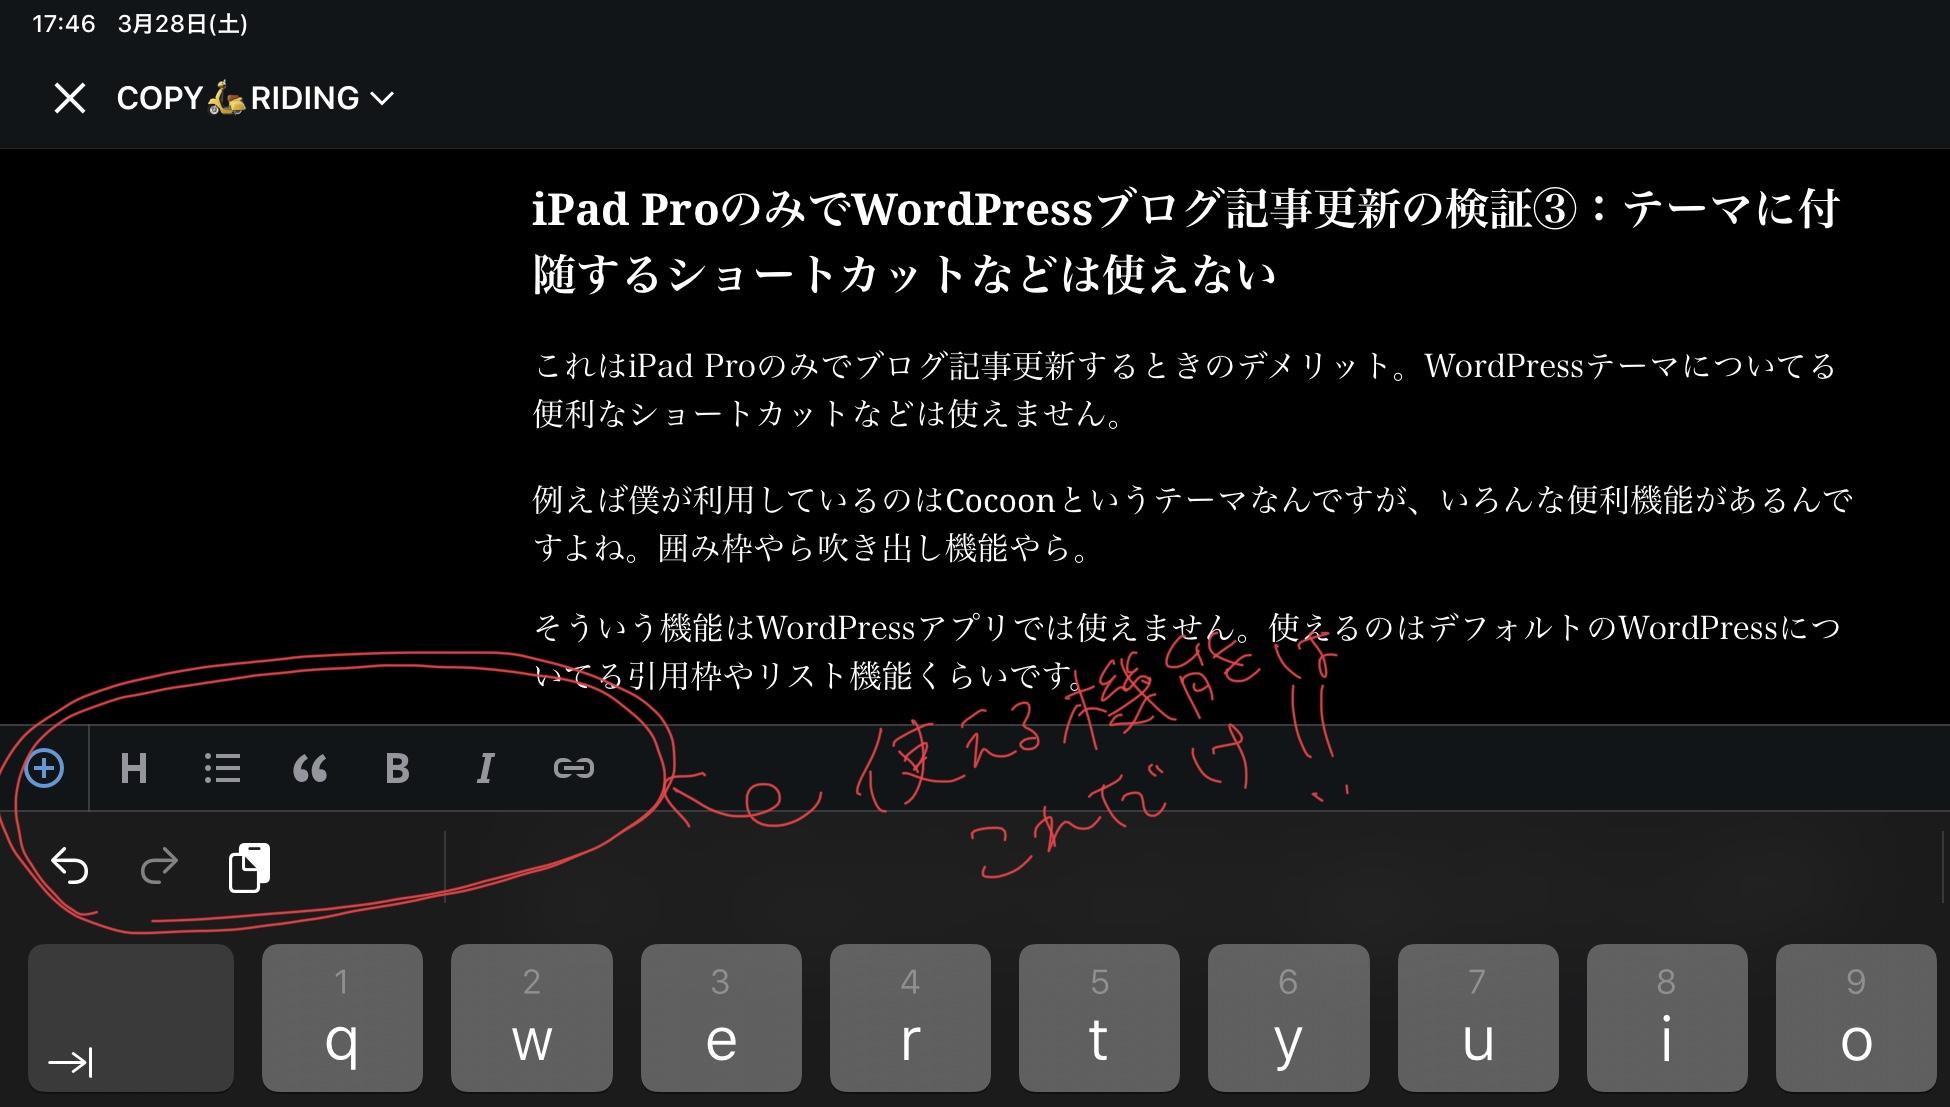 iPad ProのみでWordPressブログ記事更新の検証③:テーマに付随するショートカットなどは使えない